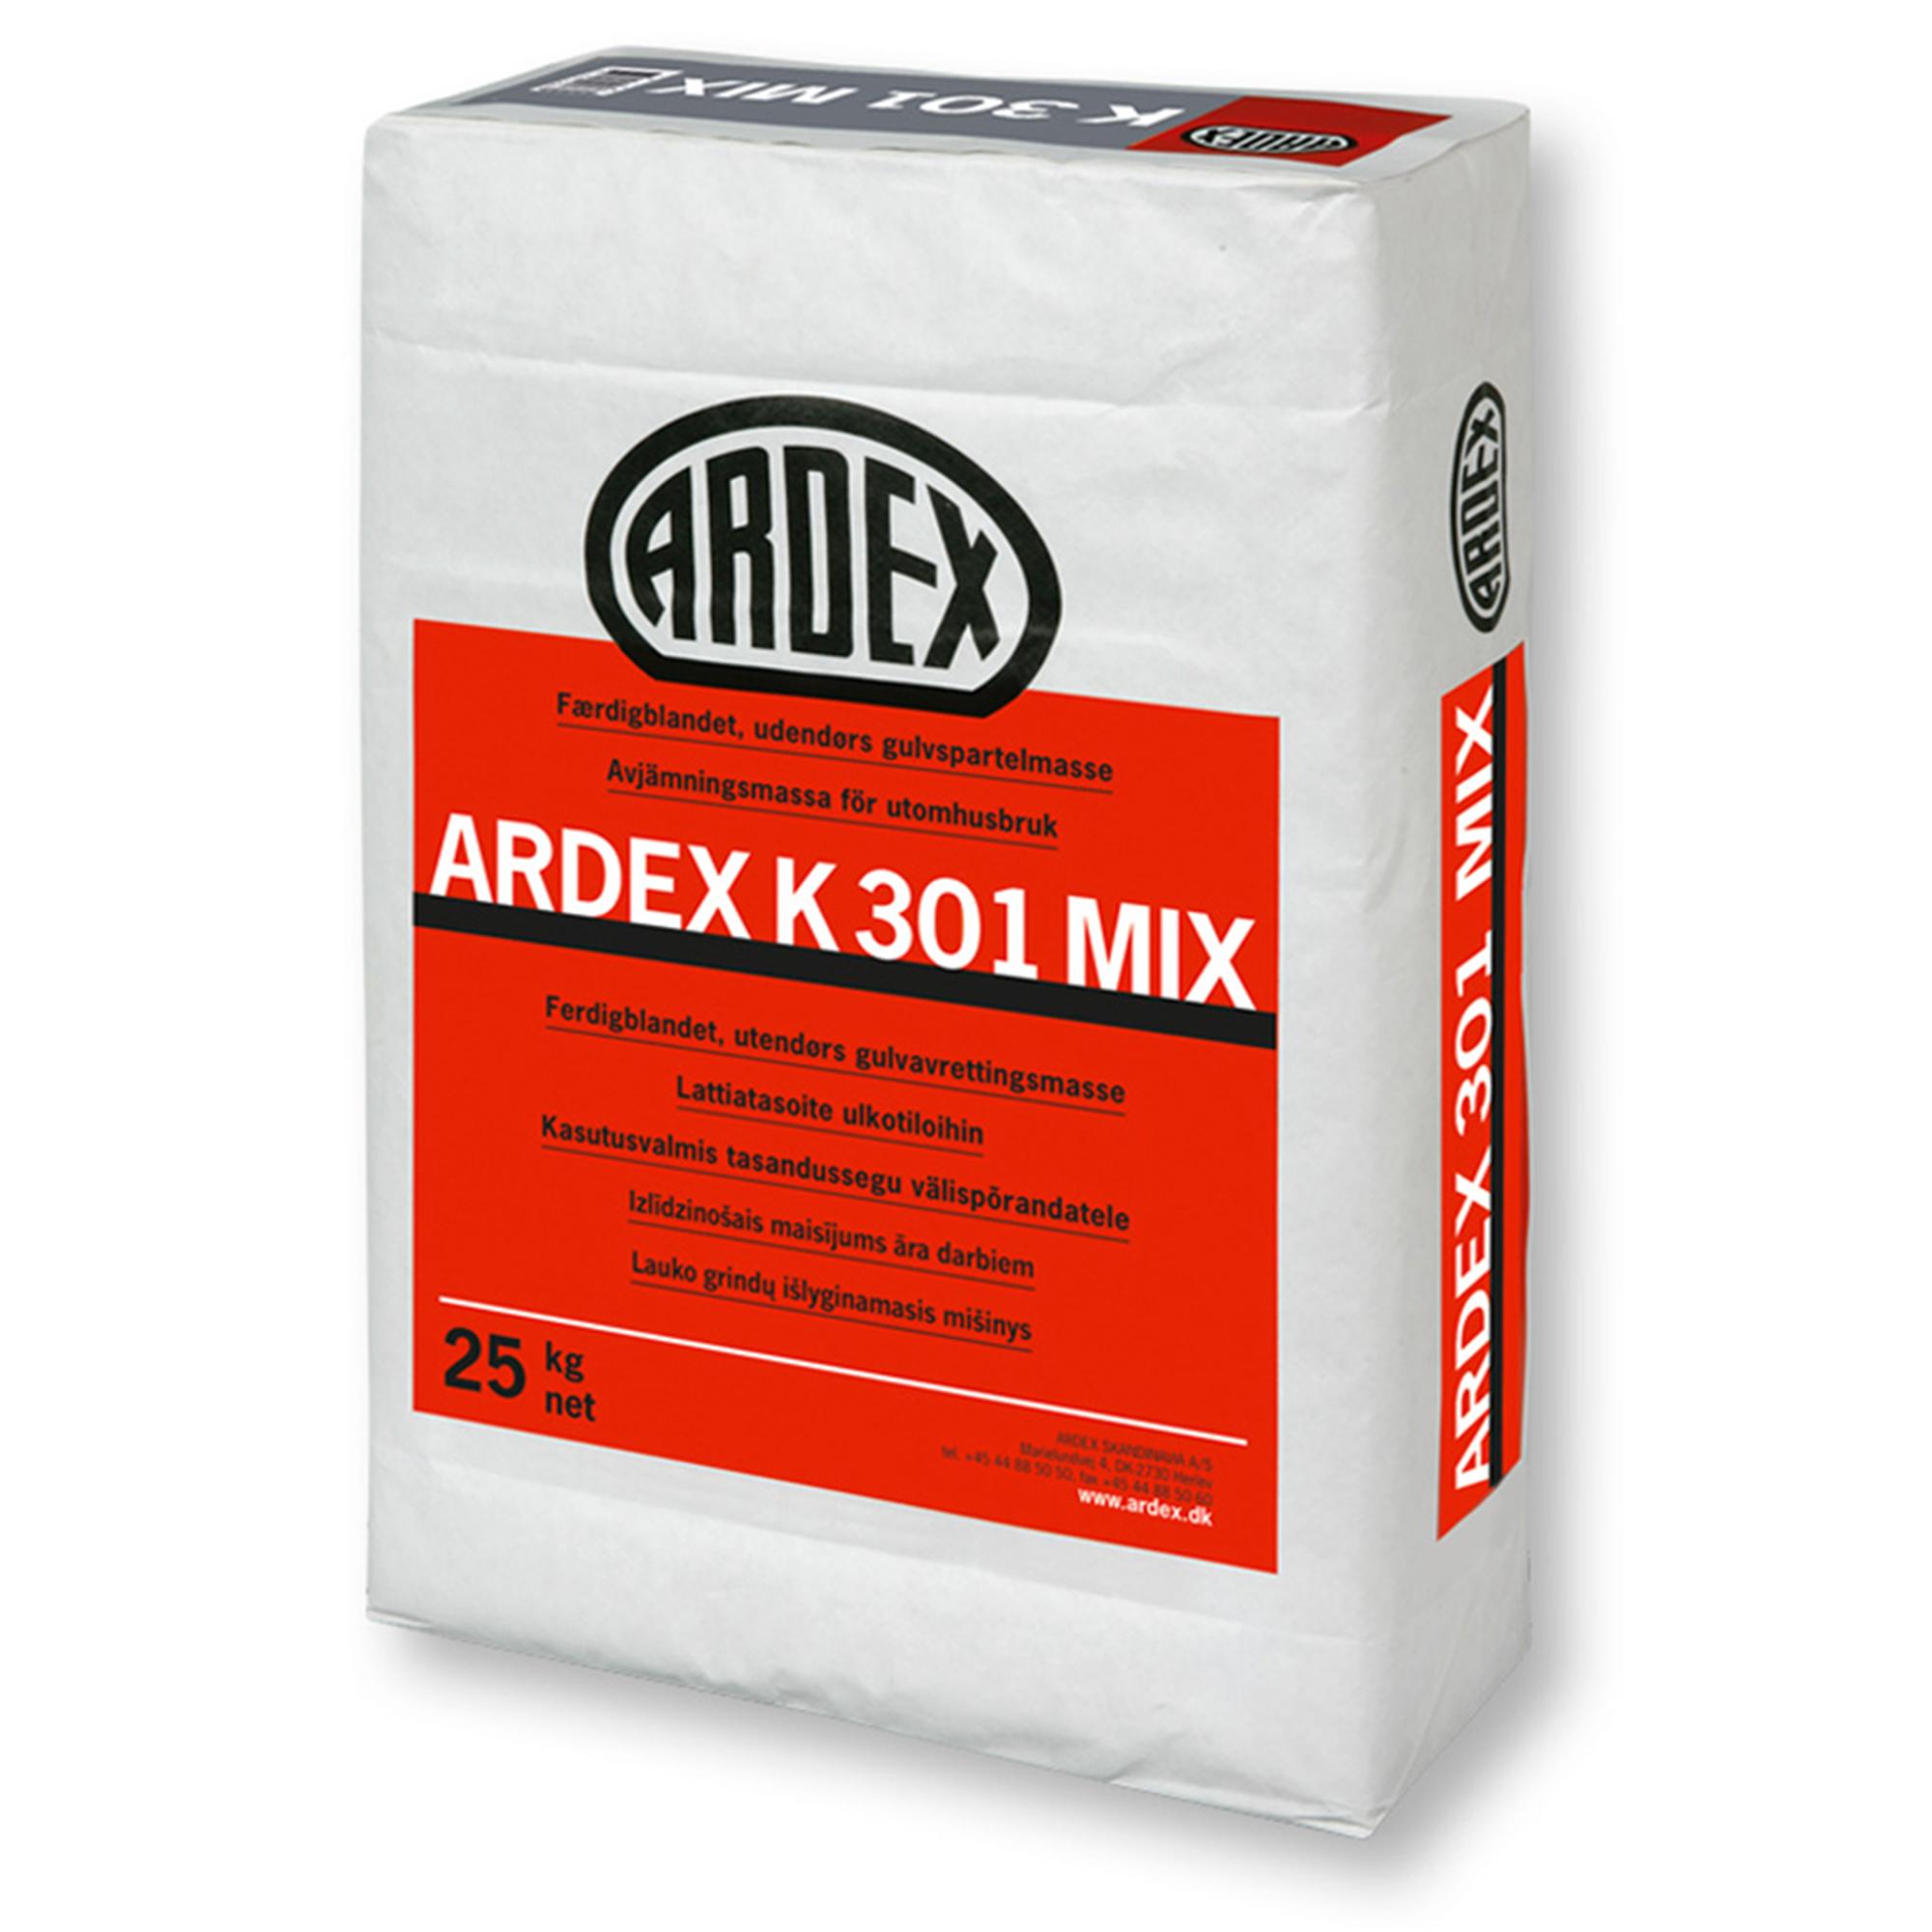 Avjämningsmassa Ardex K301 Mix Grå 25 kg